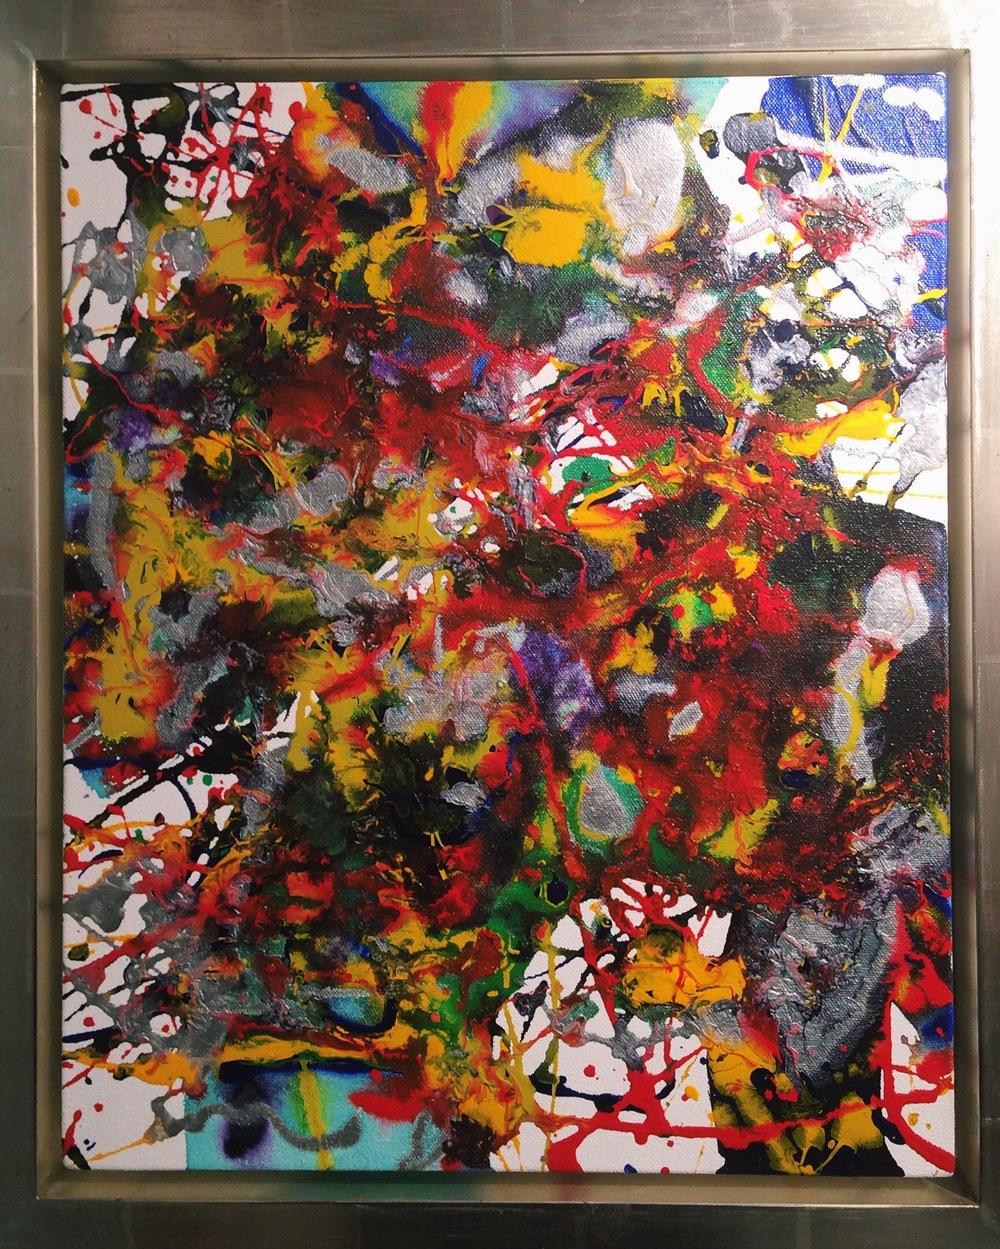 Last Works: Sam Francis Painting 94-029